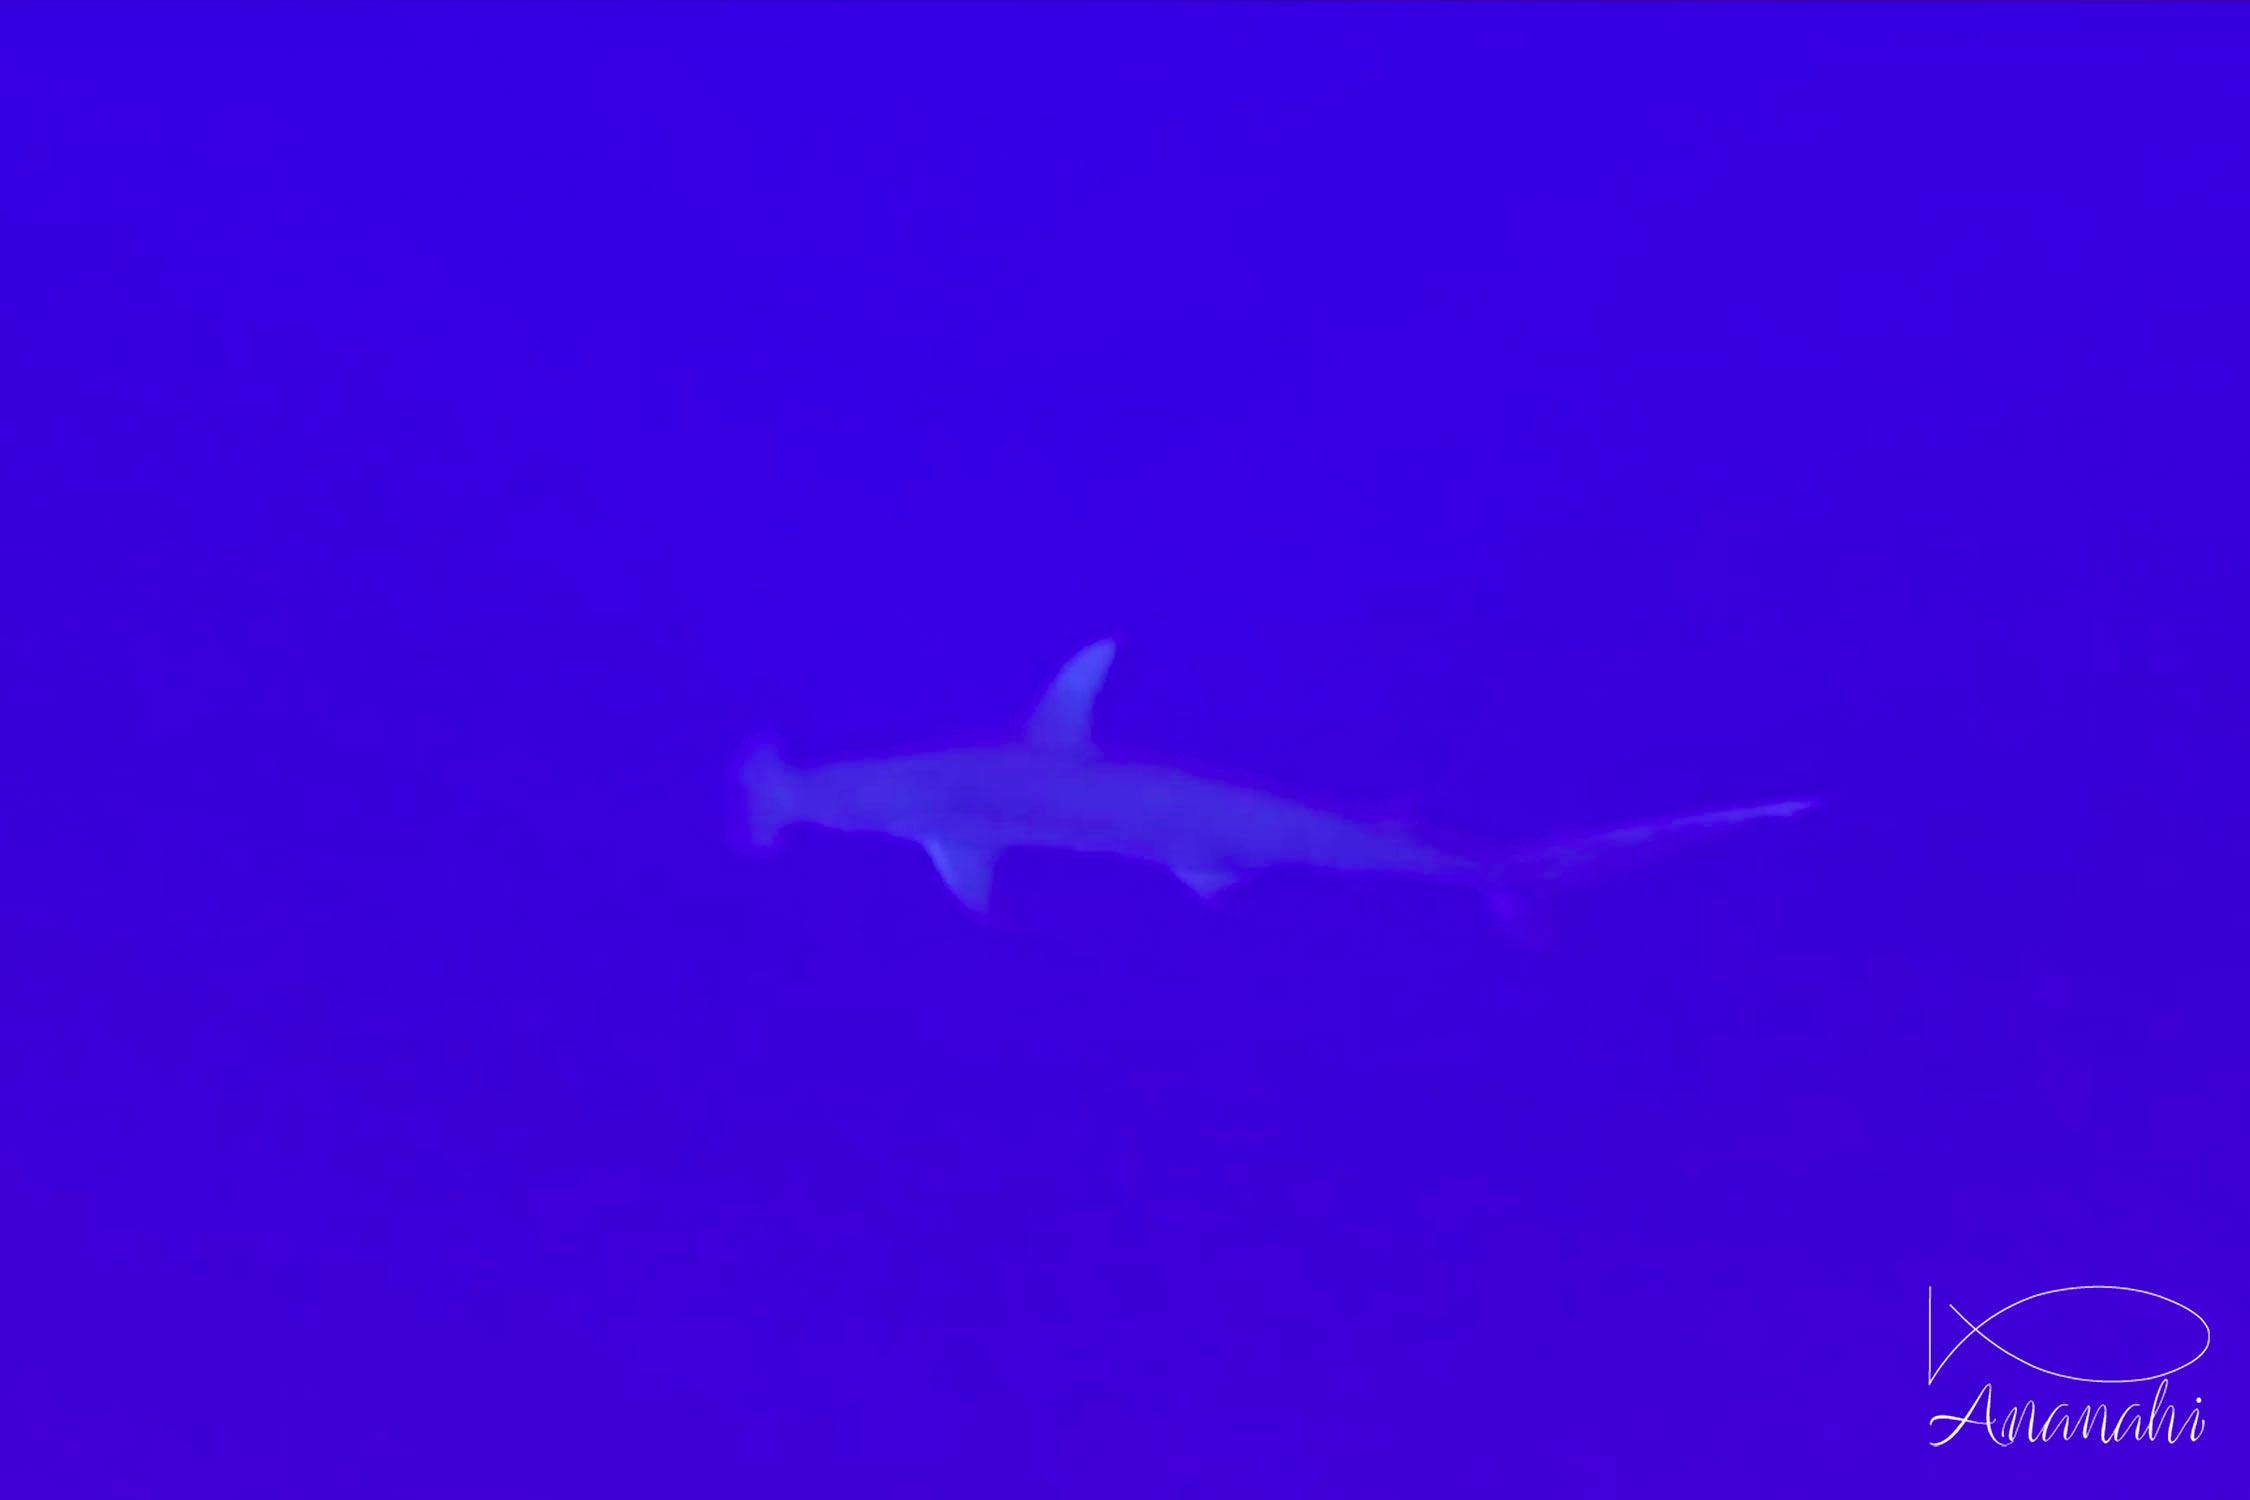 Grand requin marteau de Polynésie française